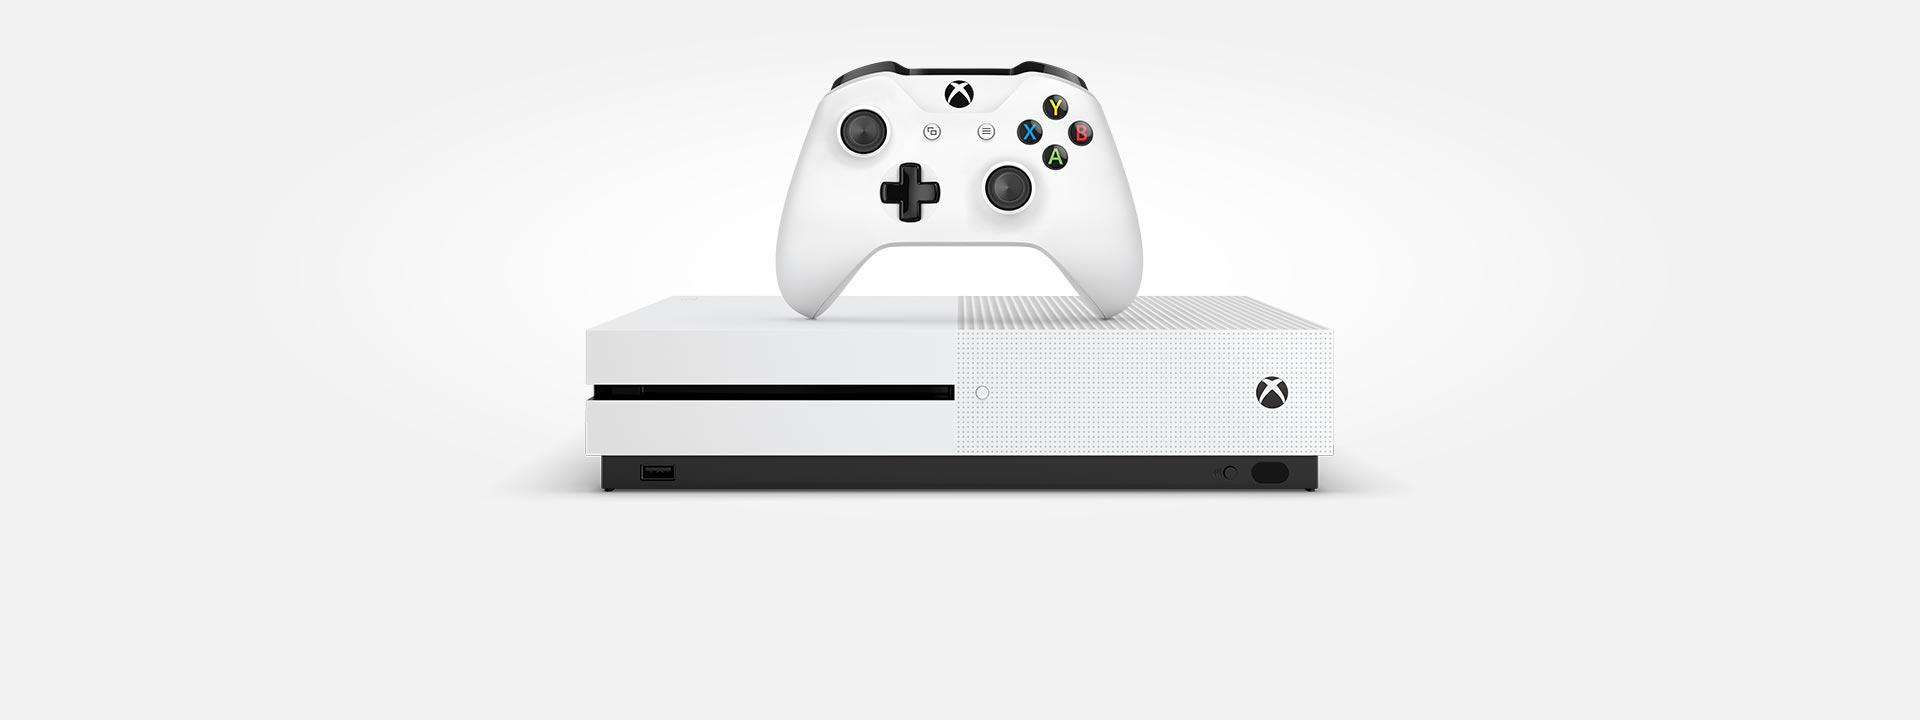 Console et manette Xbox One S, acheter maintenant